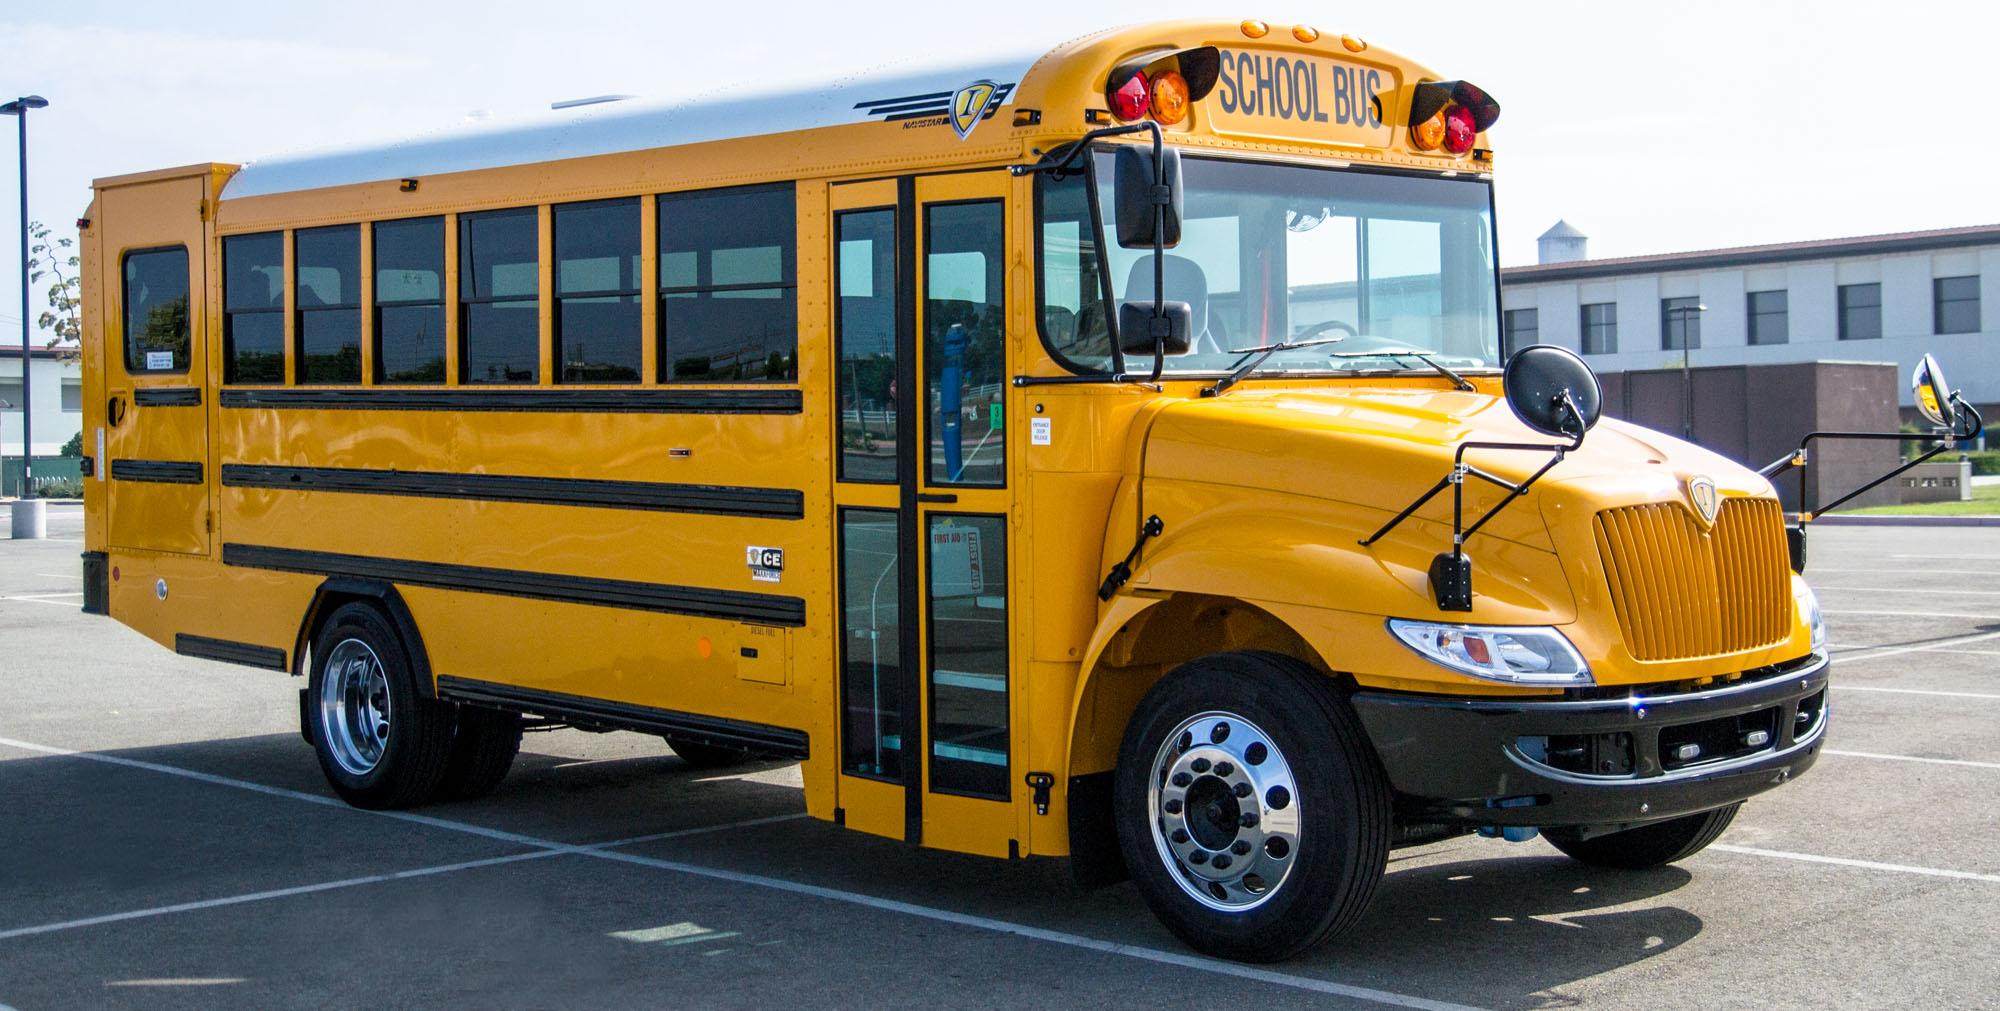 slideshow-schoolbus-type-c-ce-parkinglot.jpg